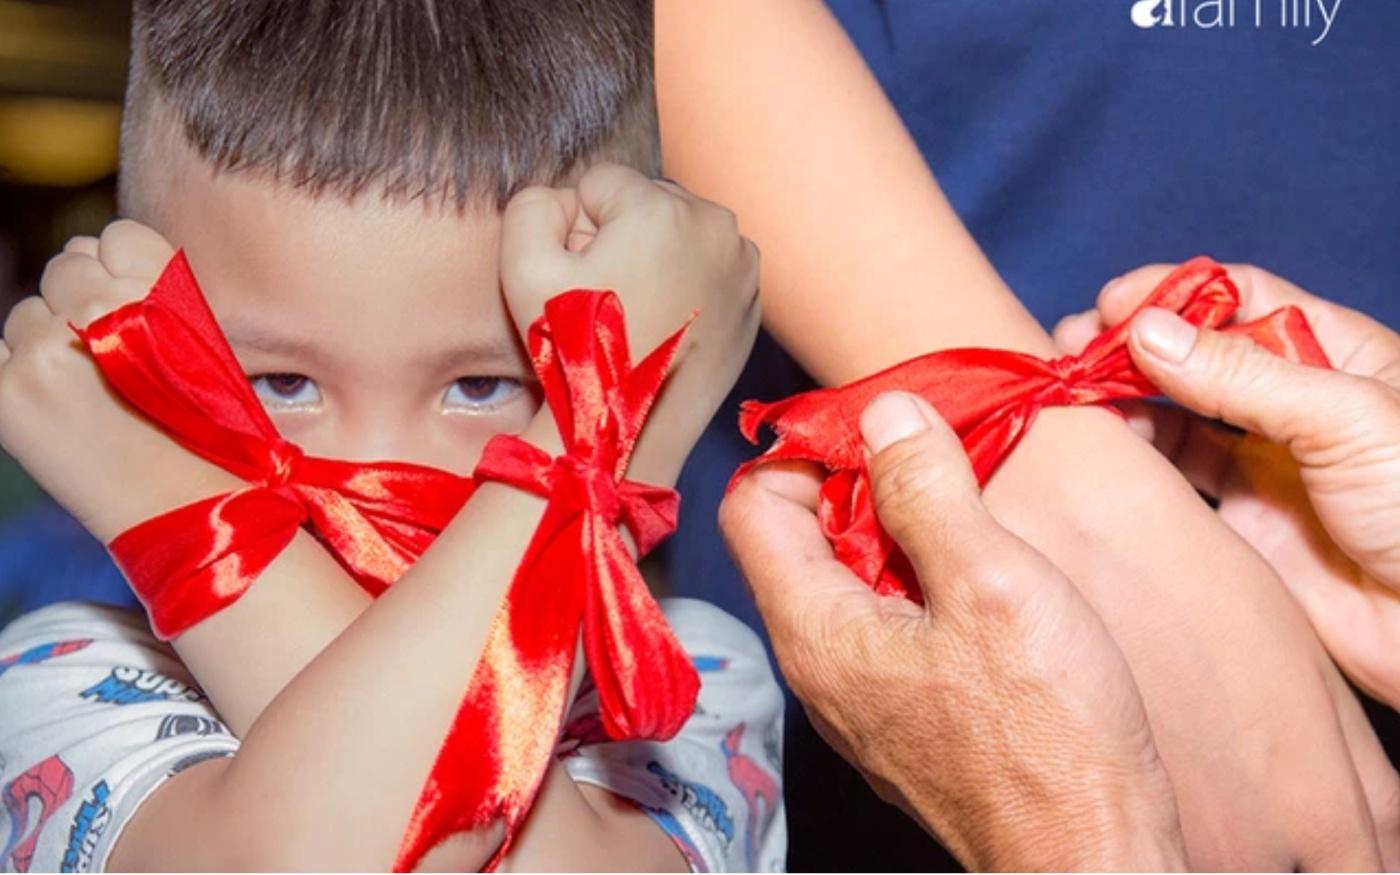 Trung thu của những đứa trẻ bị ảnh hưởng bởi HIV: Khi háo hức, niềm vui hồn nhiên lắng xuống, chỉ còn lại những câu chuyện thật buồn